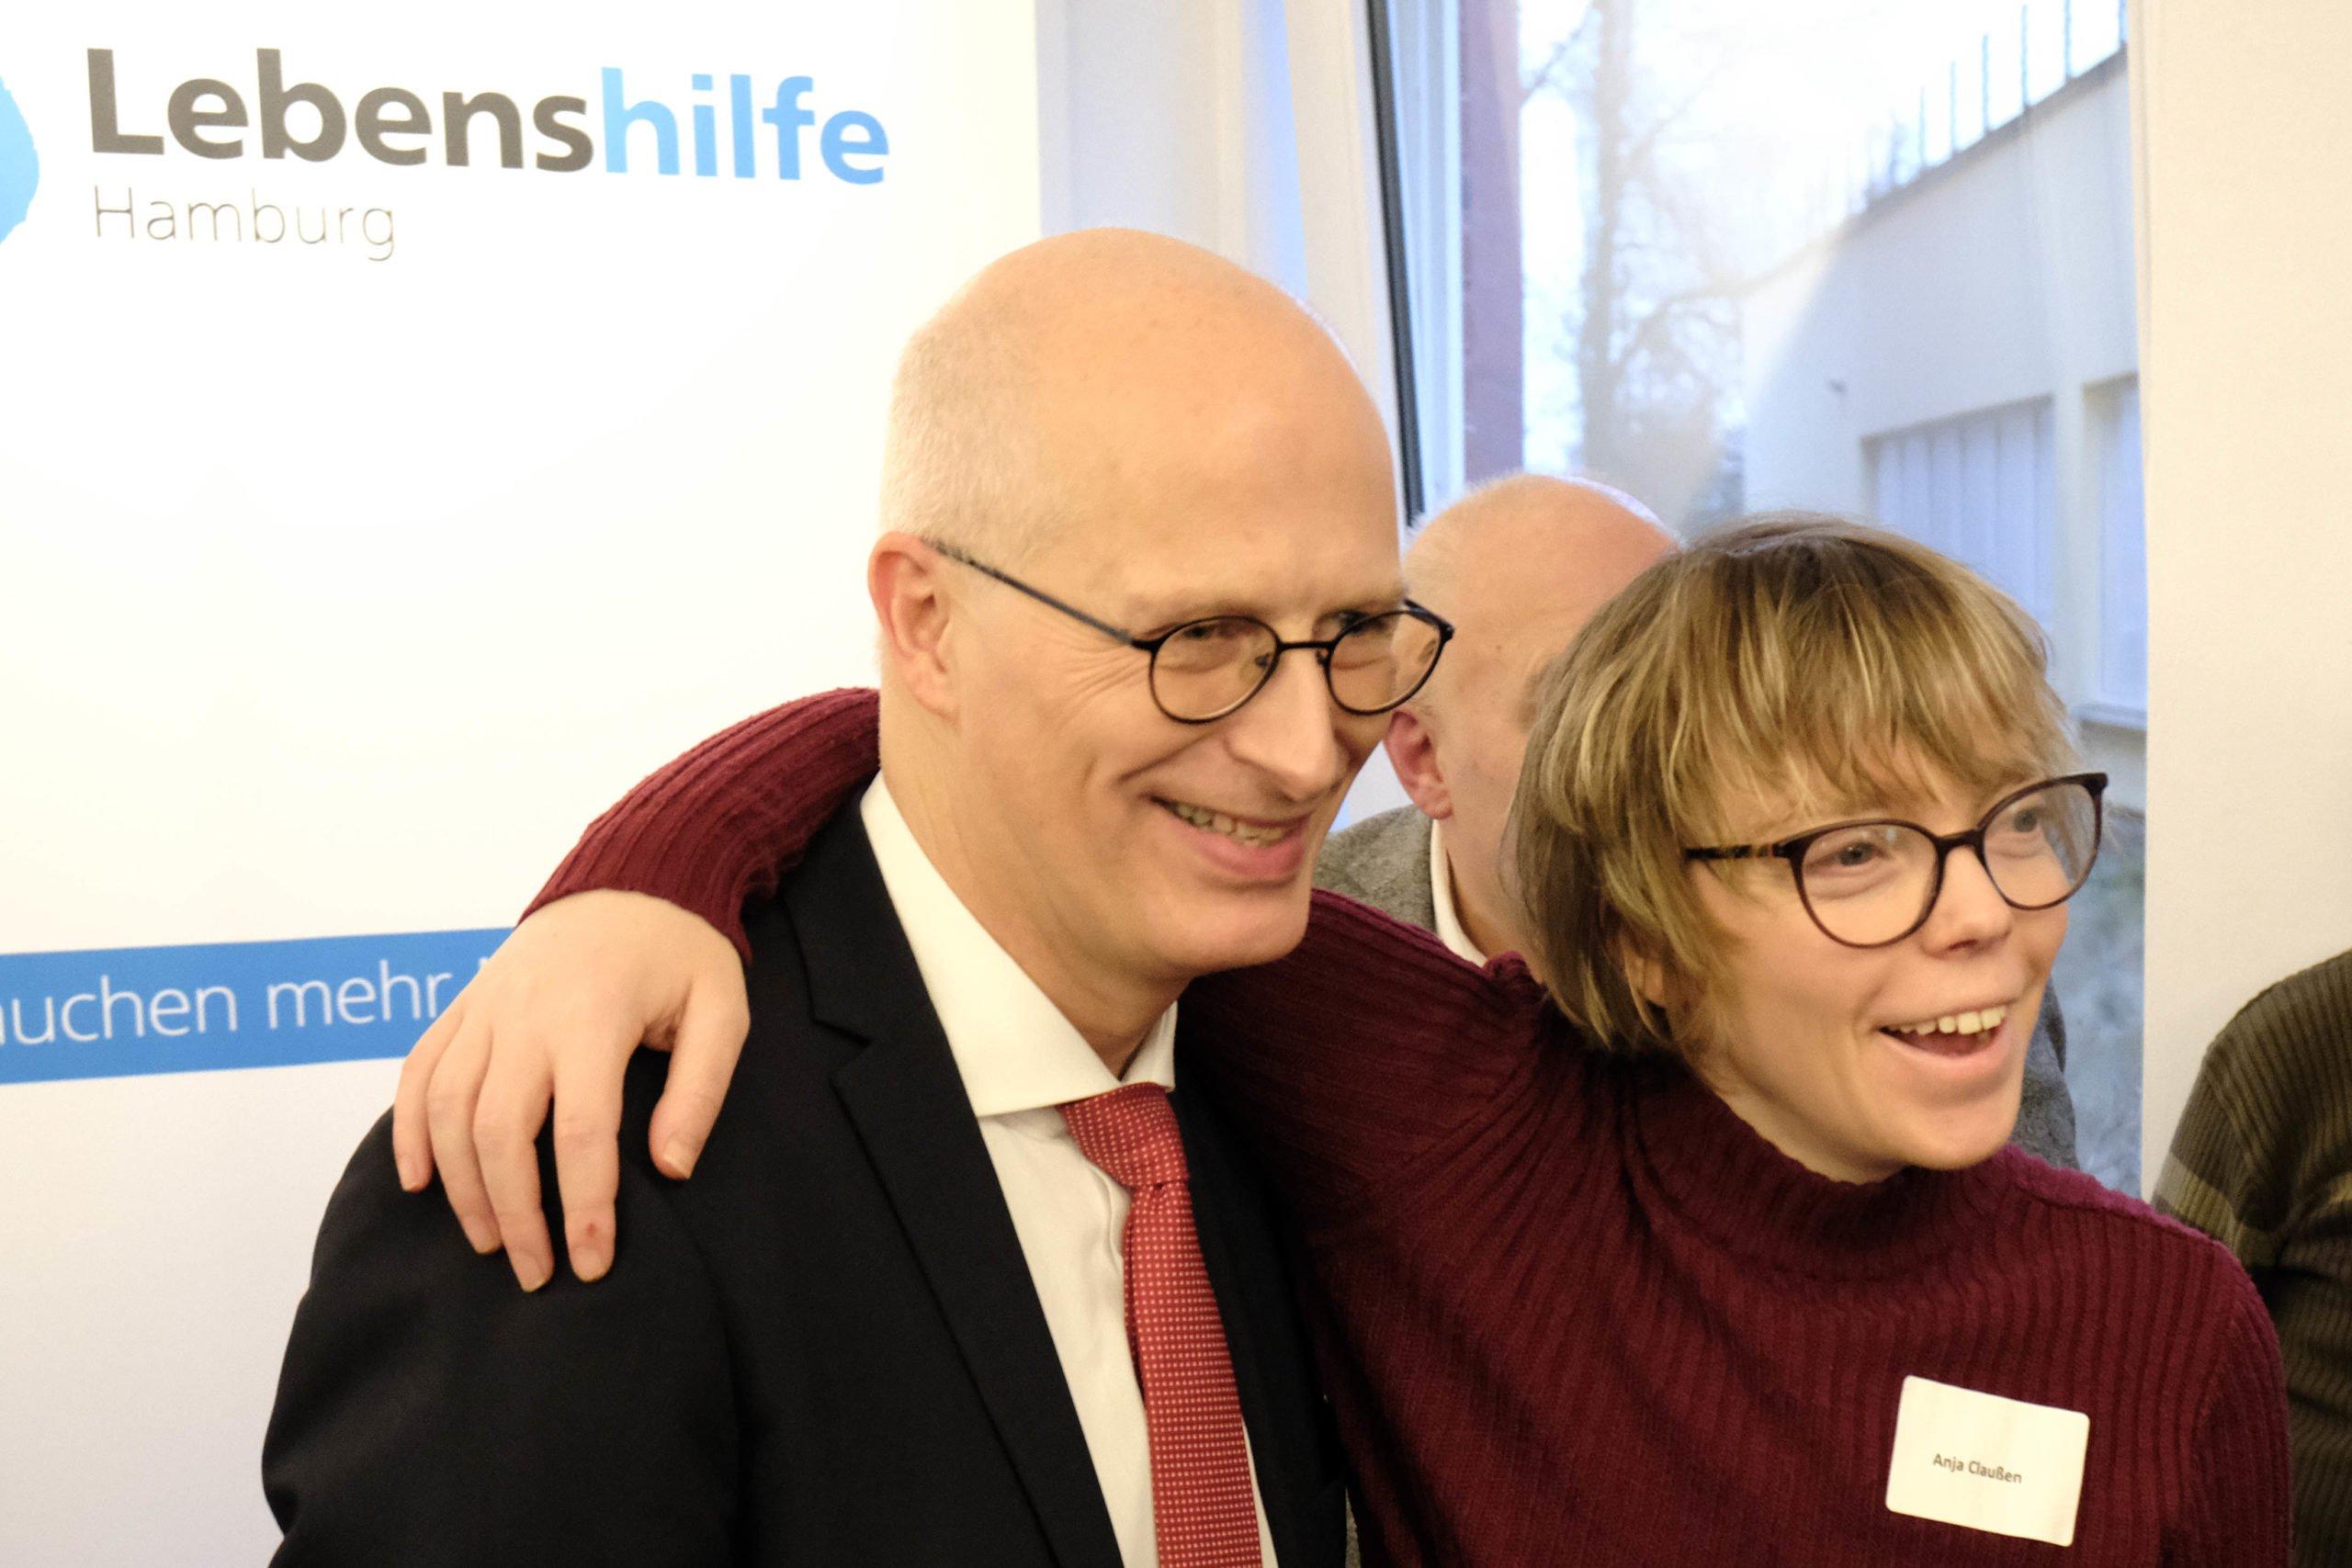 Dr. Peter Tschentscher und ein Mitglied der Lebenshilfe